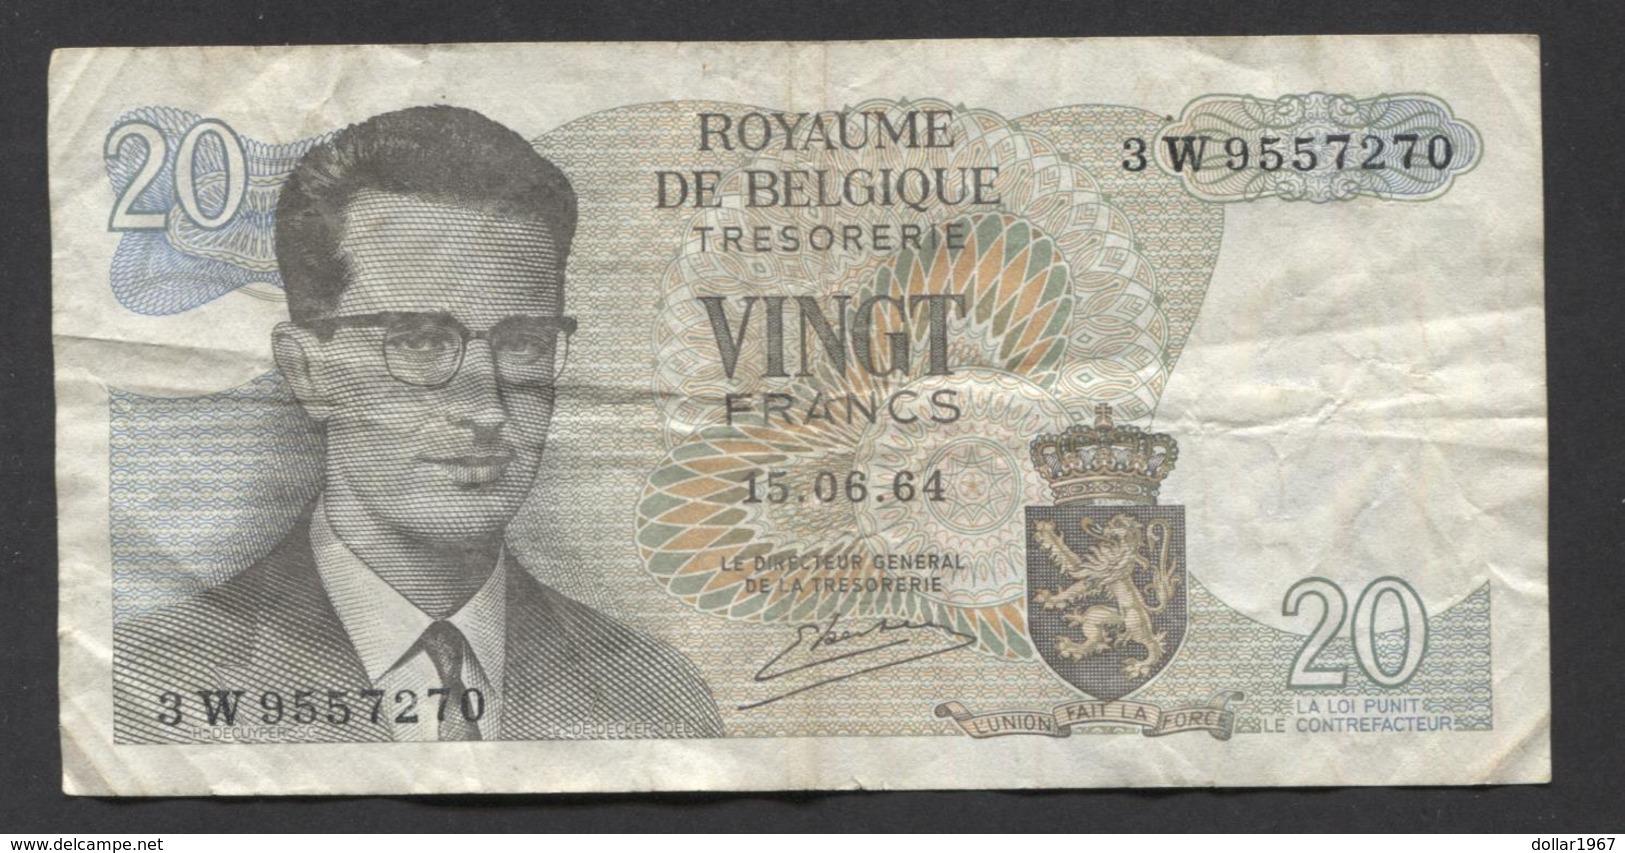 België Belgique Belgium 15 06 1964 -  20 Francs Atomium Baudouin. 3 W  9557270 - [ 6] Treasury